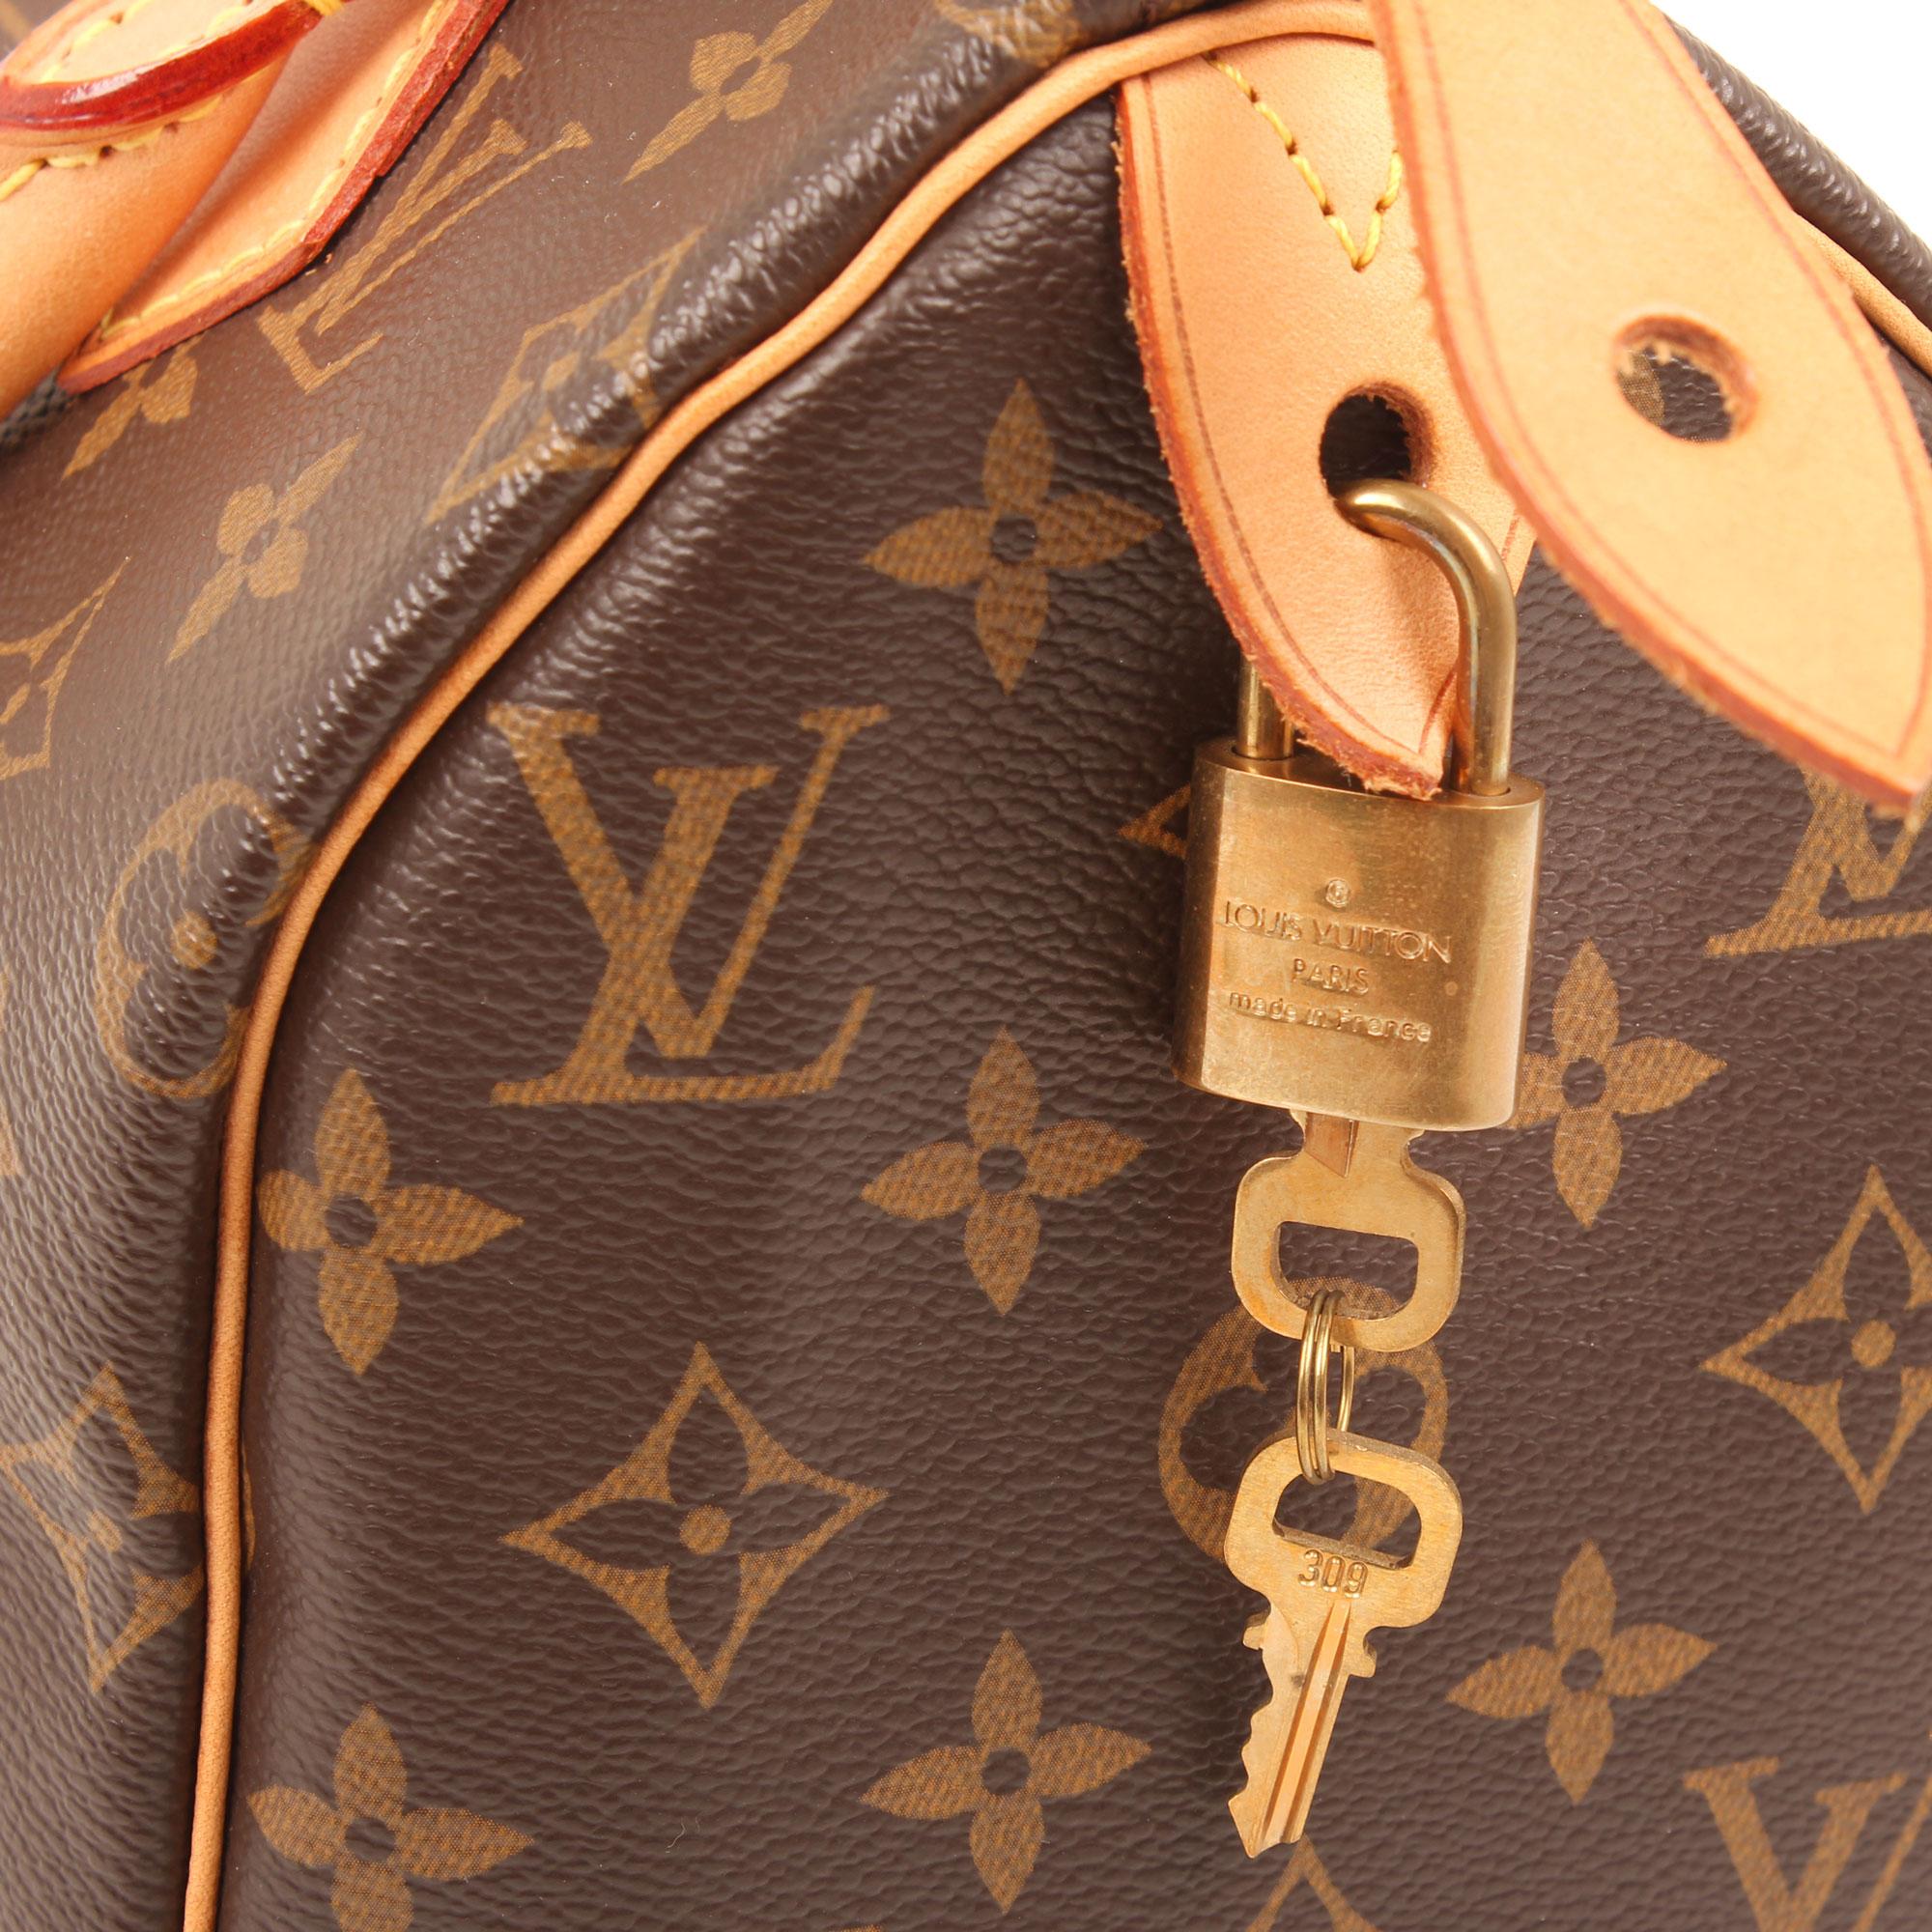 Imagen del candado y llaves del bolso louis vuitton speedy 25 monogram